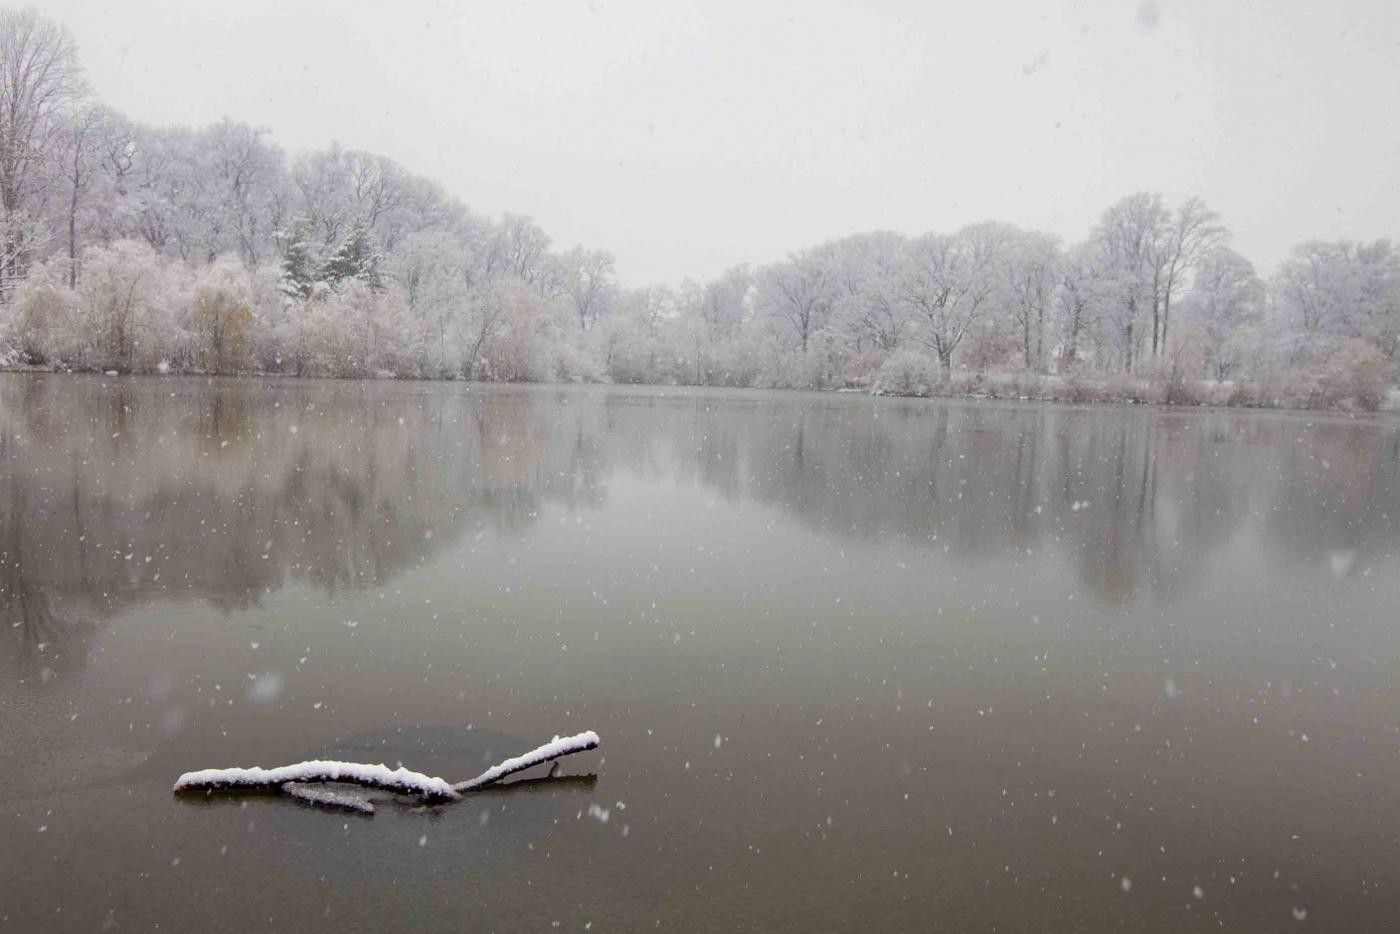 雪中即景_图1-11